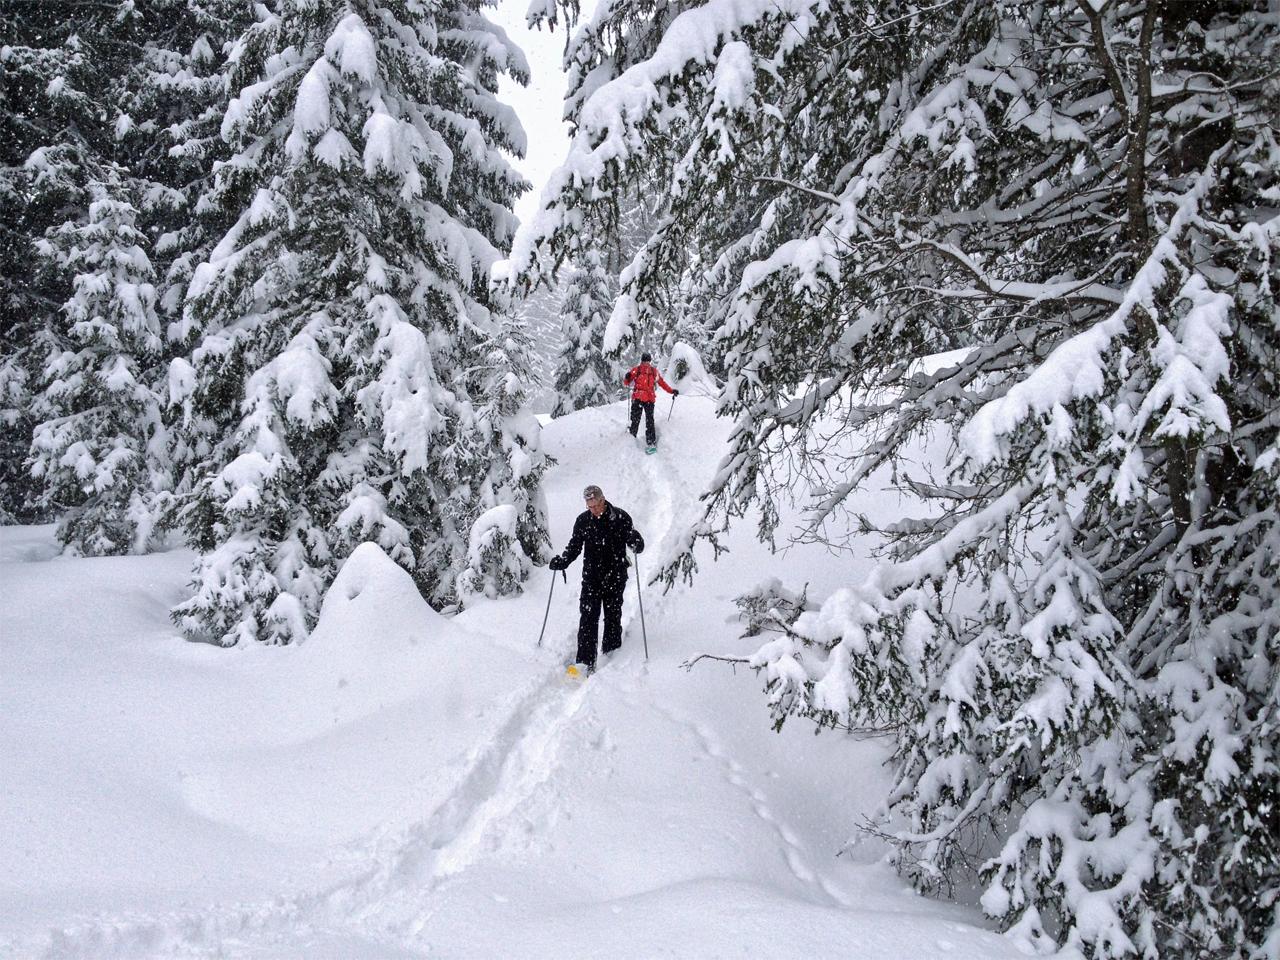 Activiteiten - Sneeuwwandelen met gasten